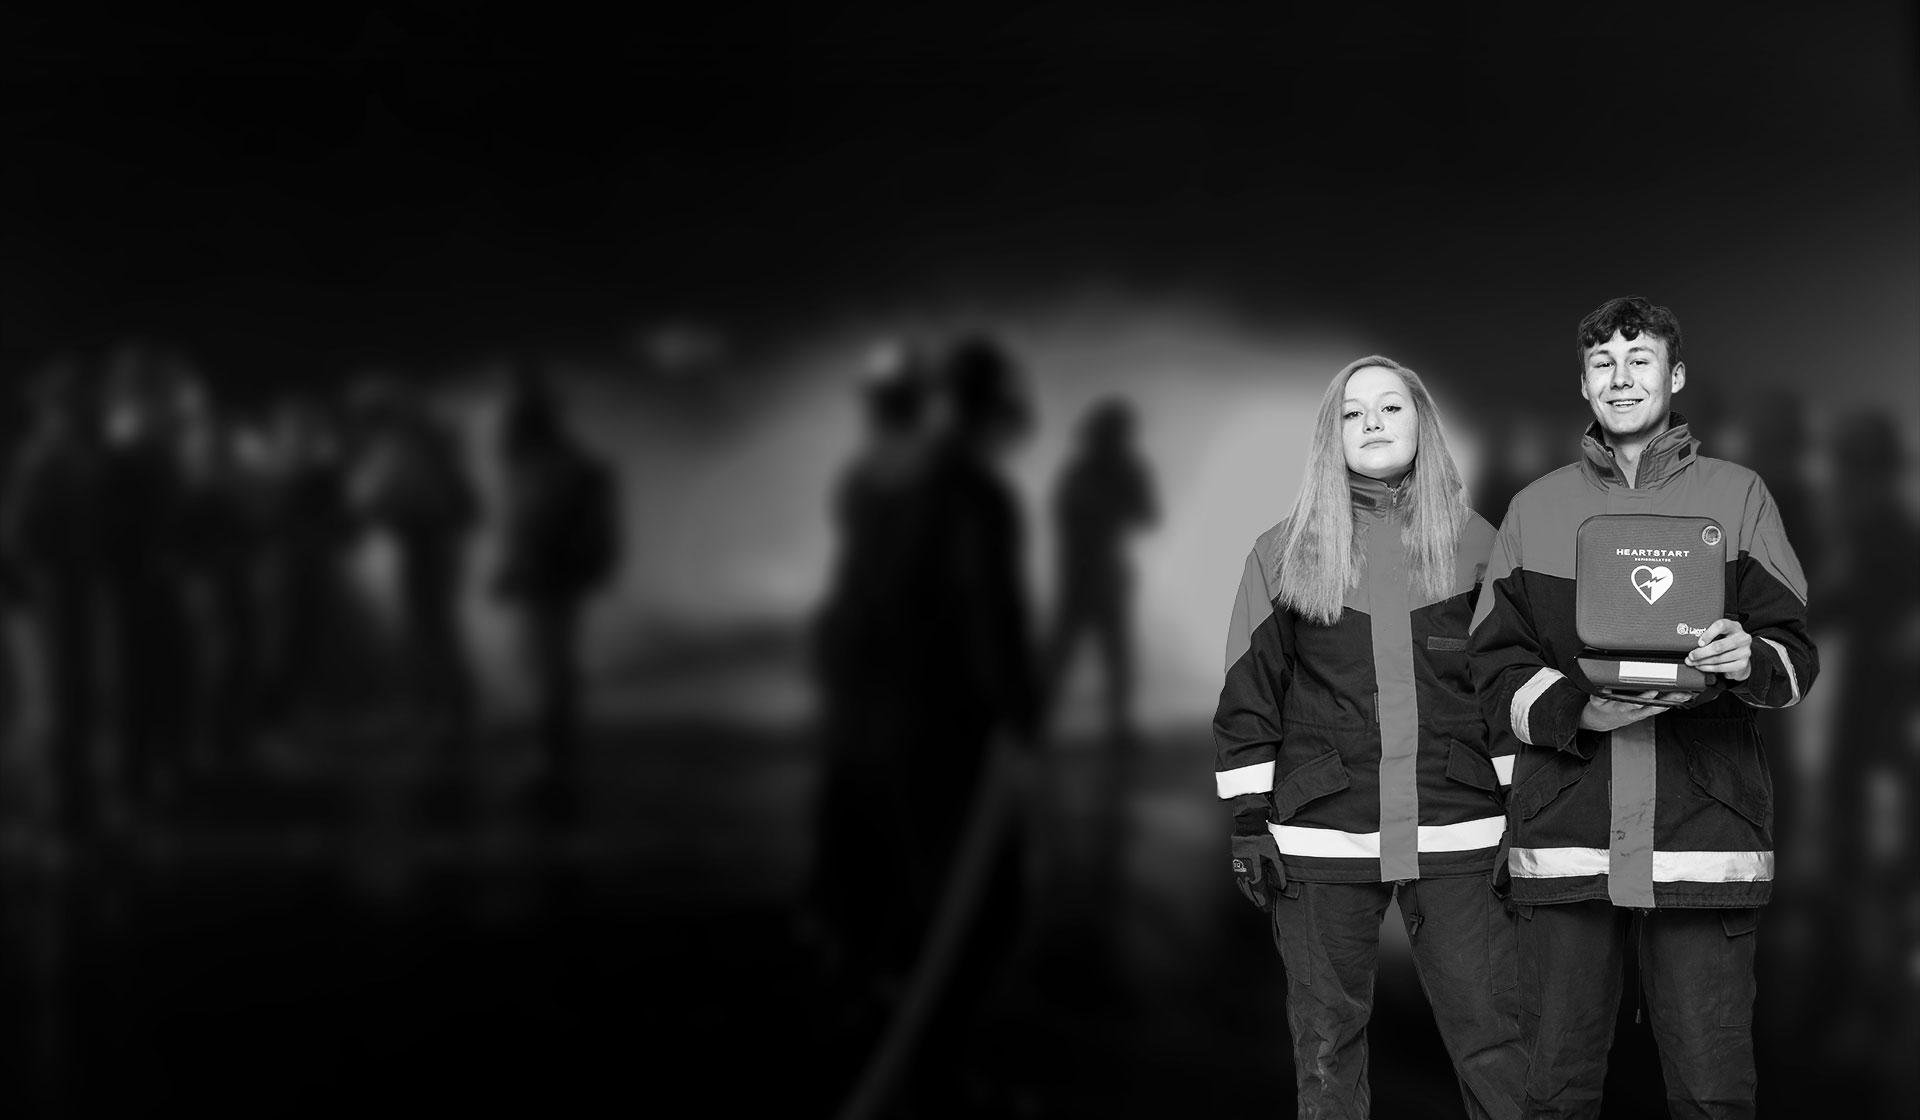 Die Jugend - Zukunft der Feuerwehr